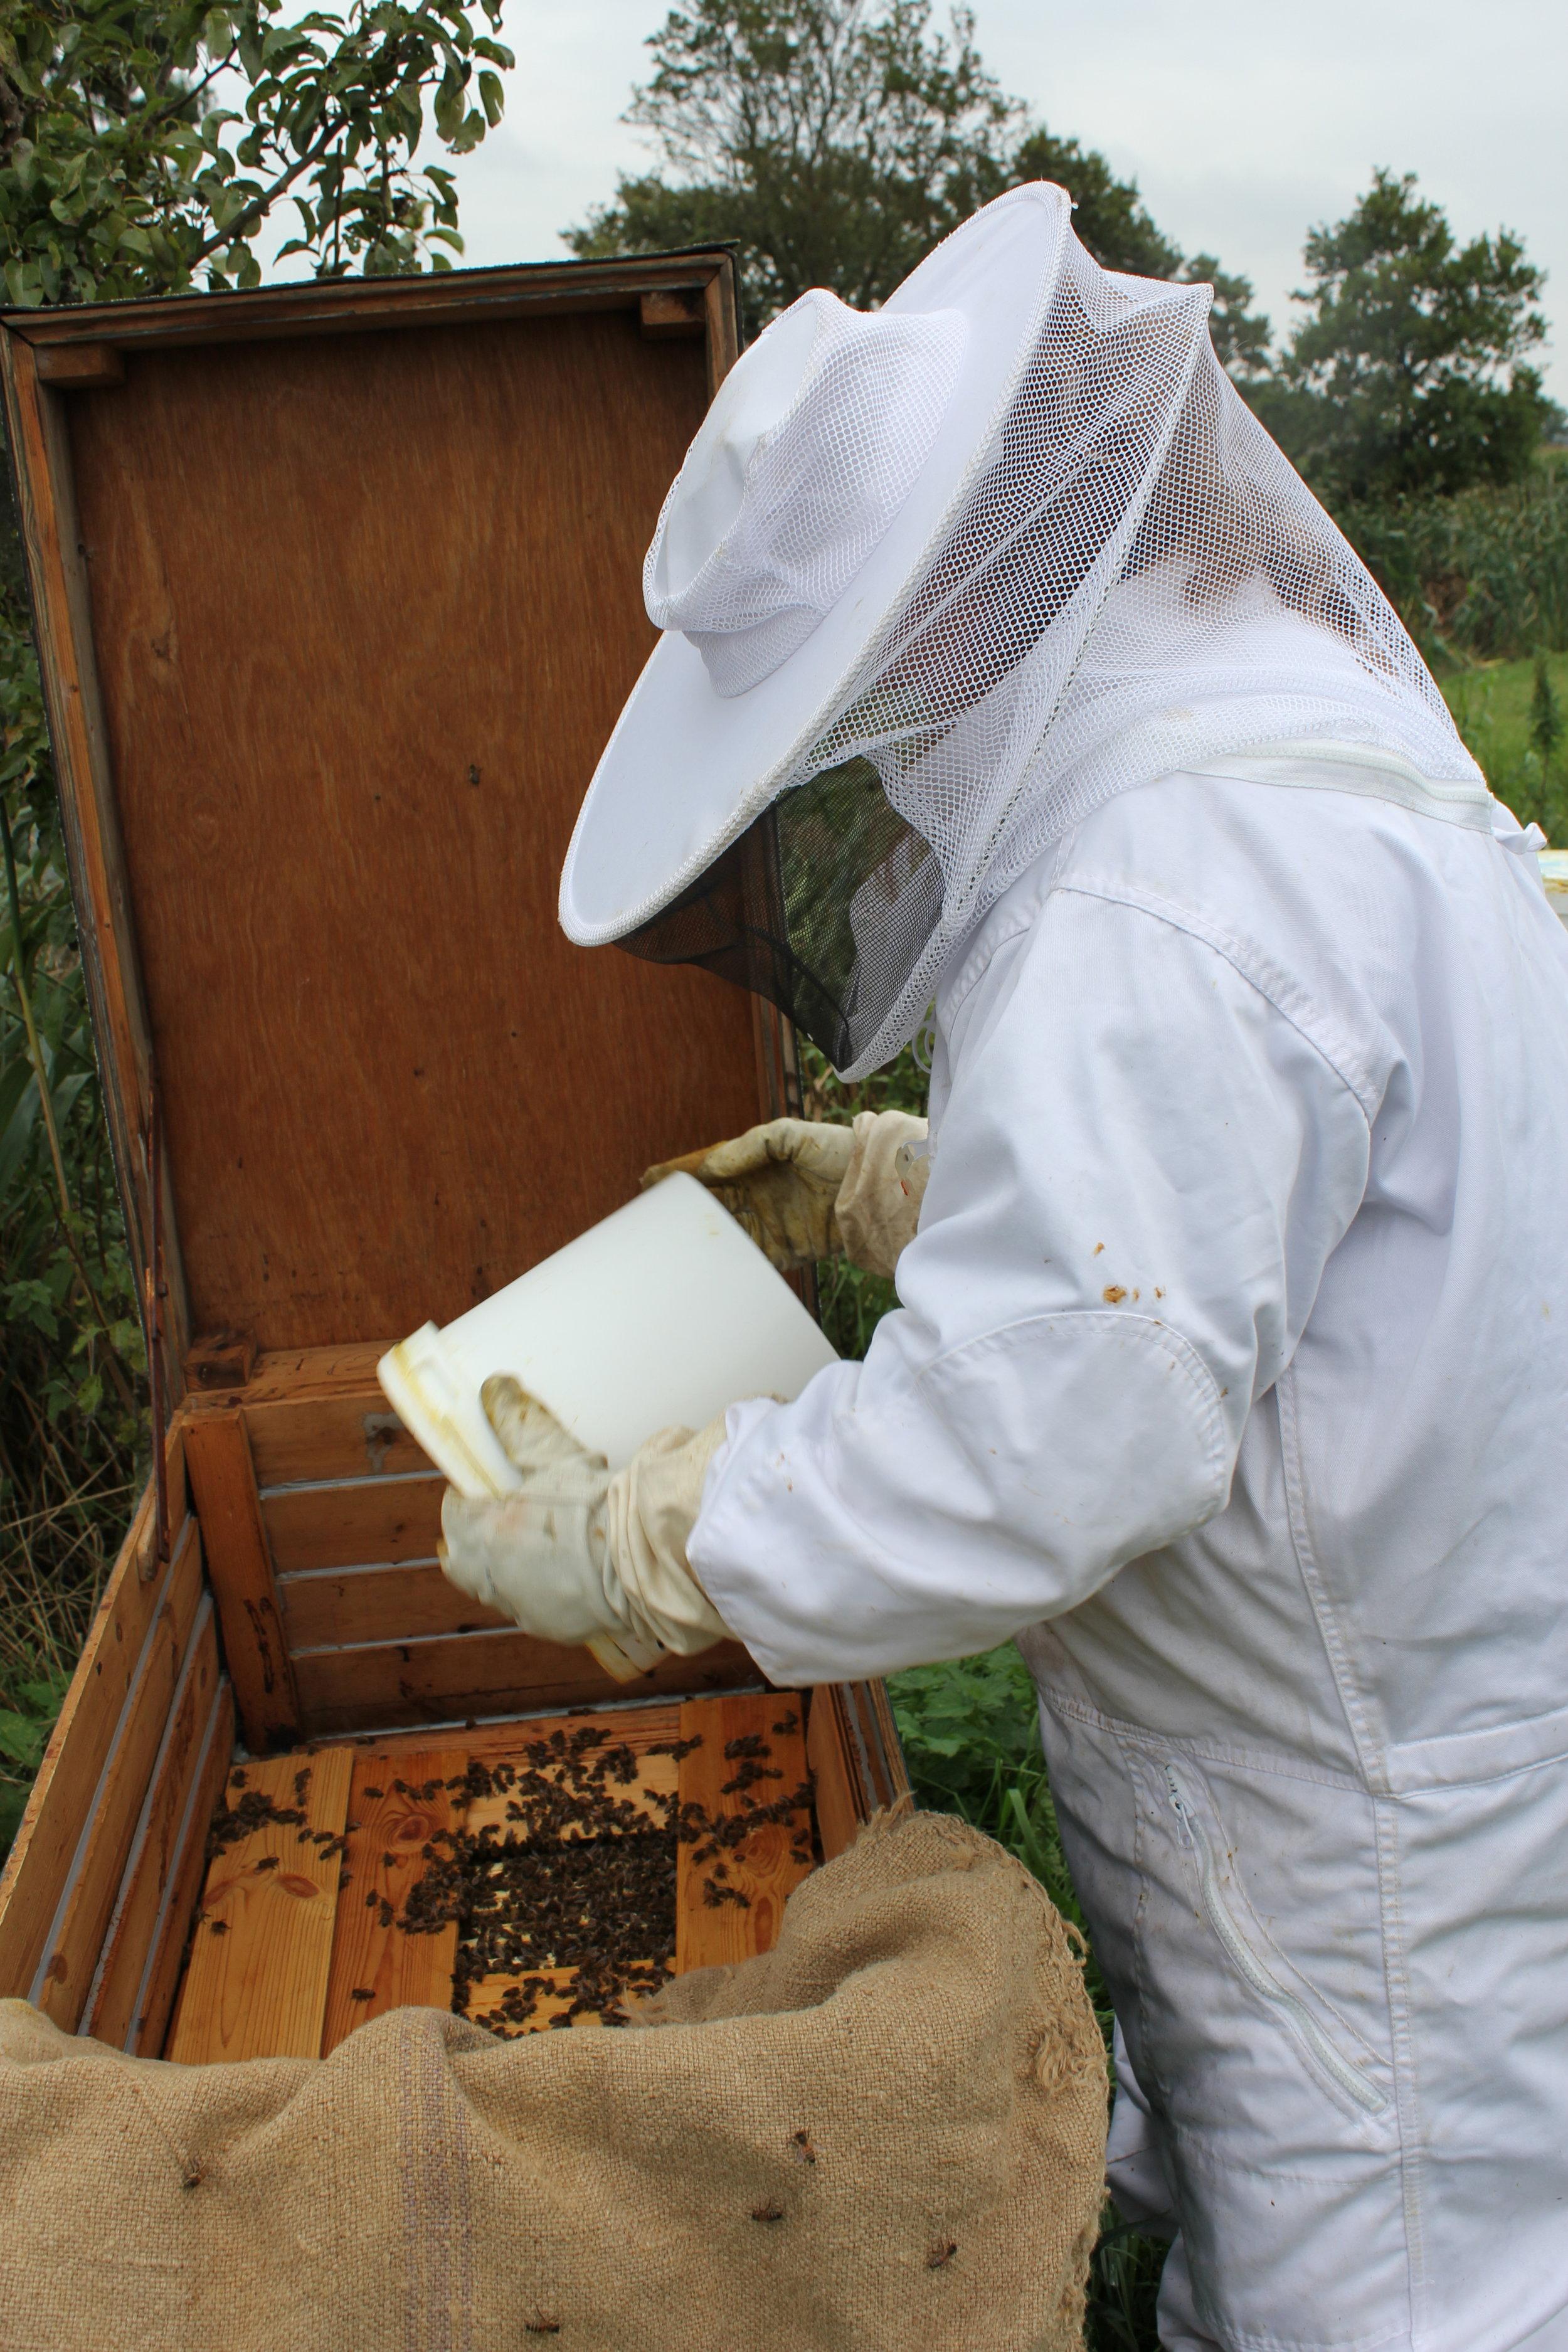 Vinterfodring i trugstade - erstatning for biernes honning.